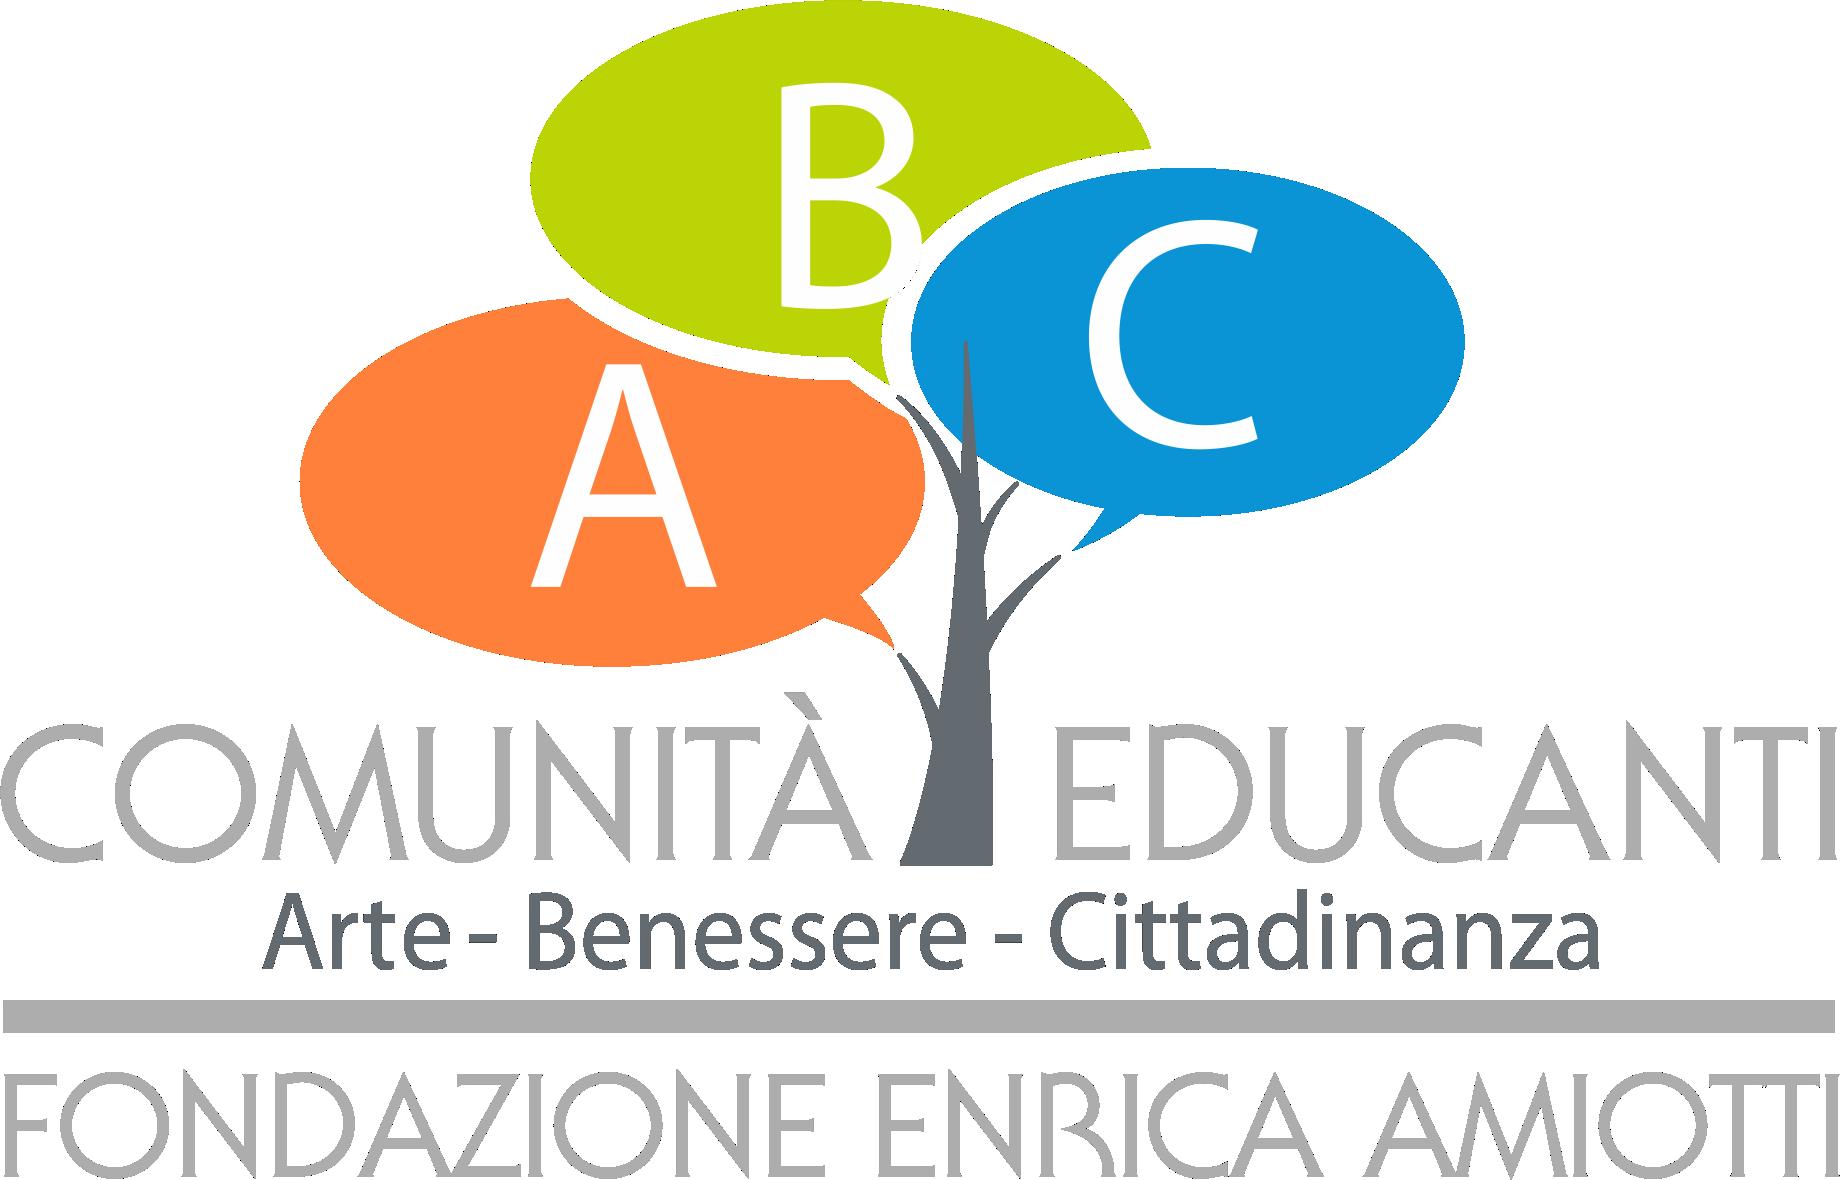 Comunità Educanti ABC | By Fondazione Enrica Amiotti